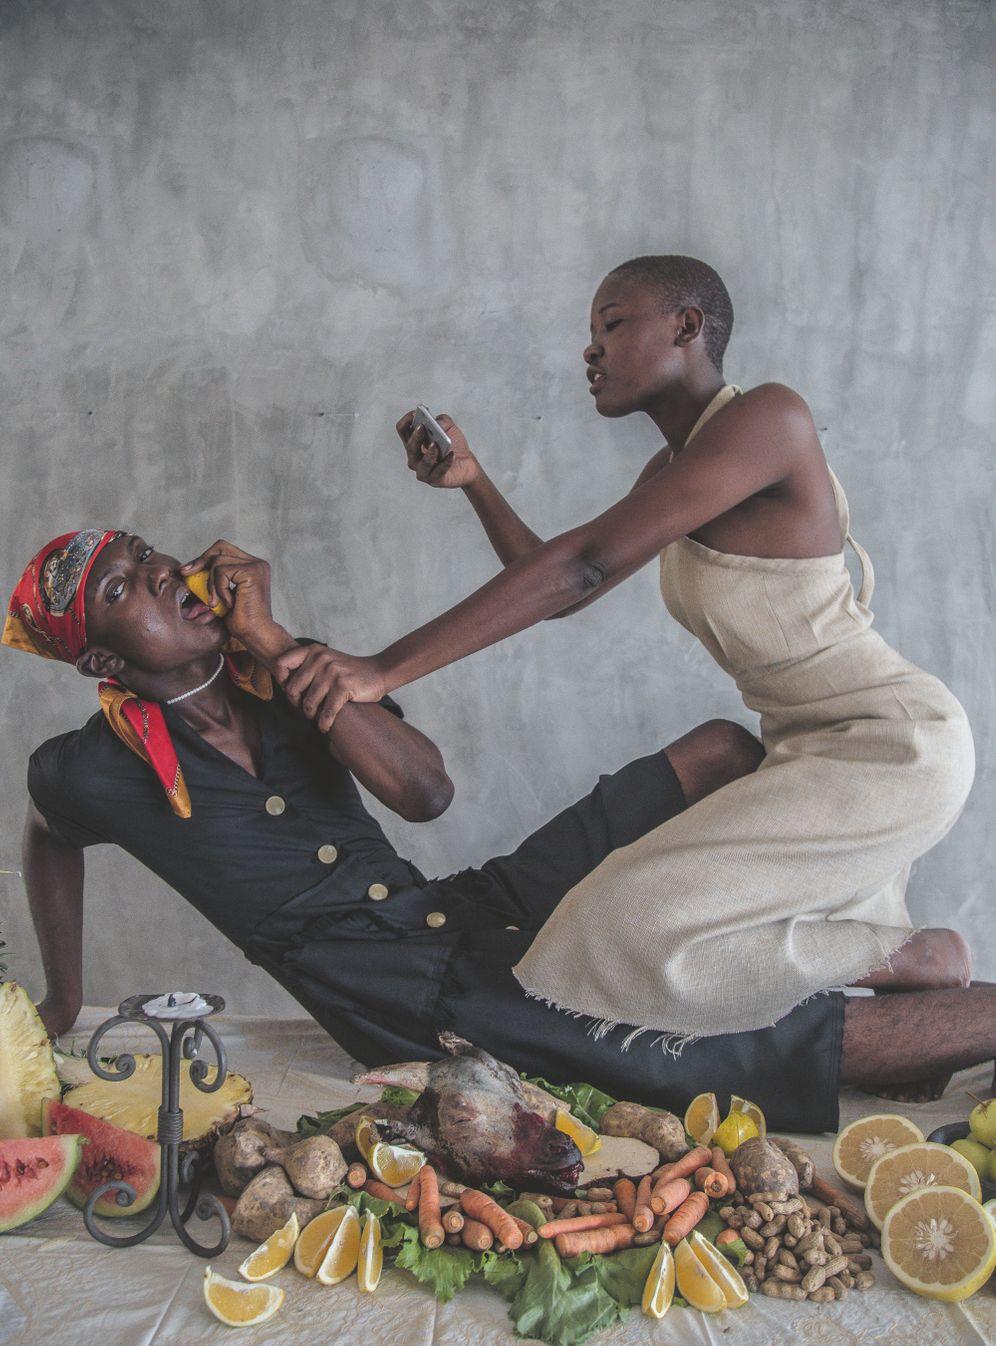 """Die Künstlerin Yagazie Emezi aus Nigeria hinterfragt mit ihren Aufnahmen, """"wie ein Körper von Fotografen dramatisiert werden und wie das einen westlichen Blick füttern kann"""""""